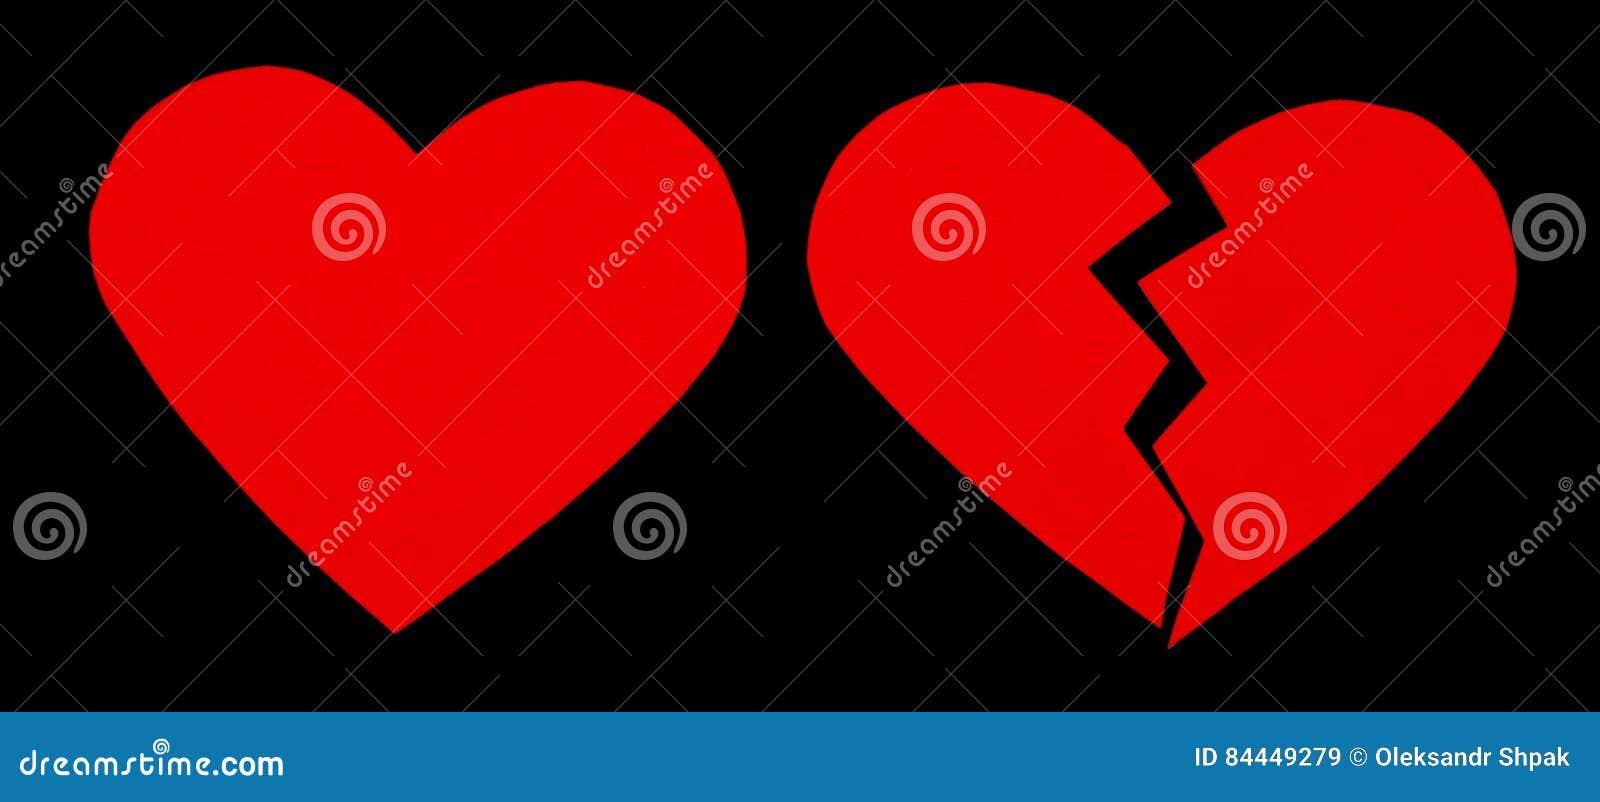 Κόκκινο heartbreak/σπασμένη καρδιά κλείστε επάνω μιας σπασμένης έγγραφο καρδιάς